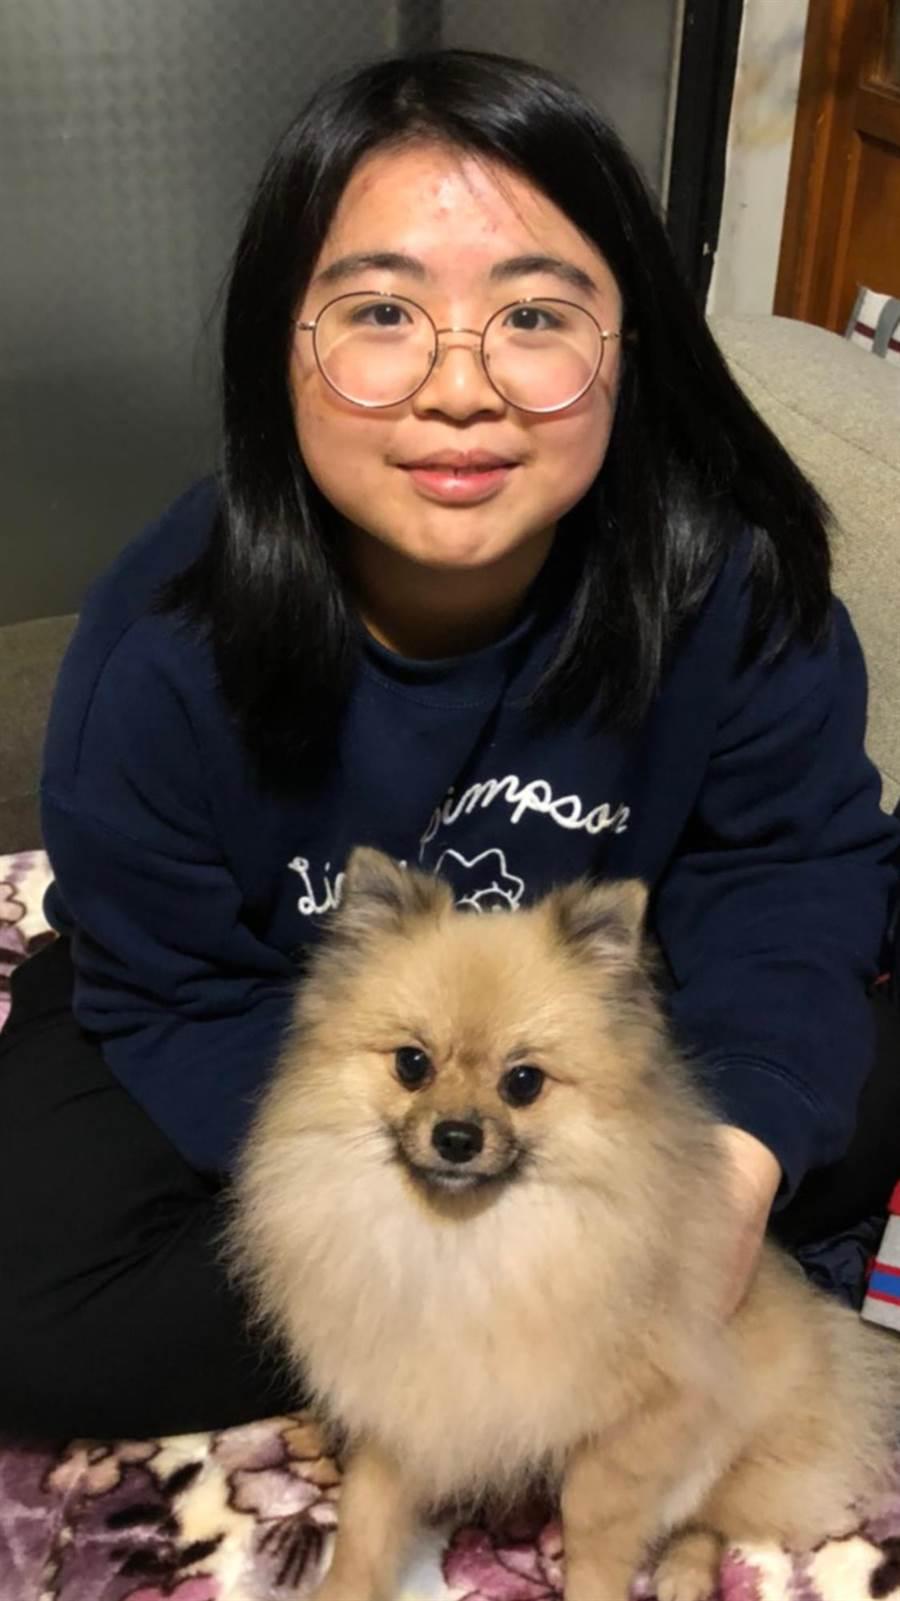 二信高中曾郁潔錄取台北醫學大學保健營養學系,由於國中不幸罹患糖尿病,導致她每天都需要注射4針胰島素,她為此立志當上營養師,幫助和她一樣的患者。(劉宥佑提供)